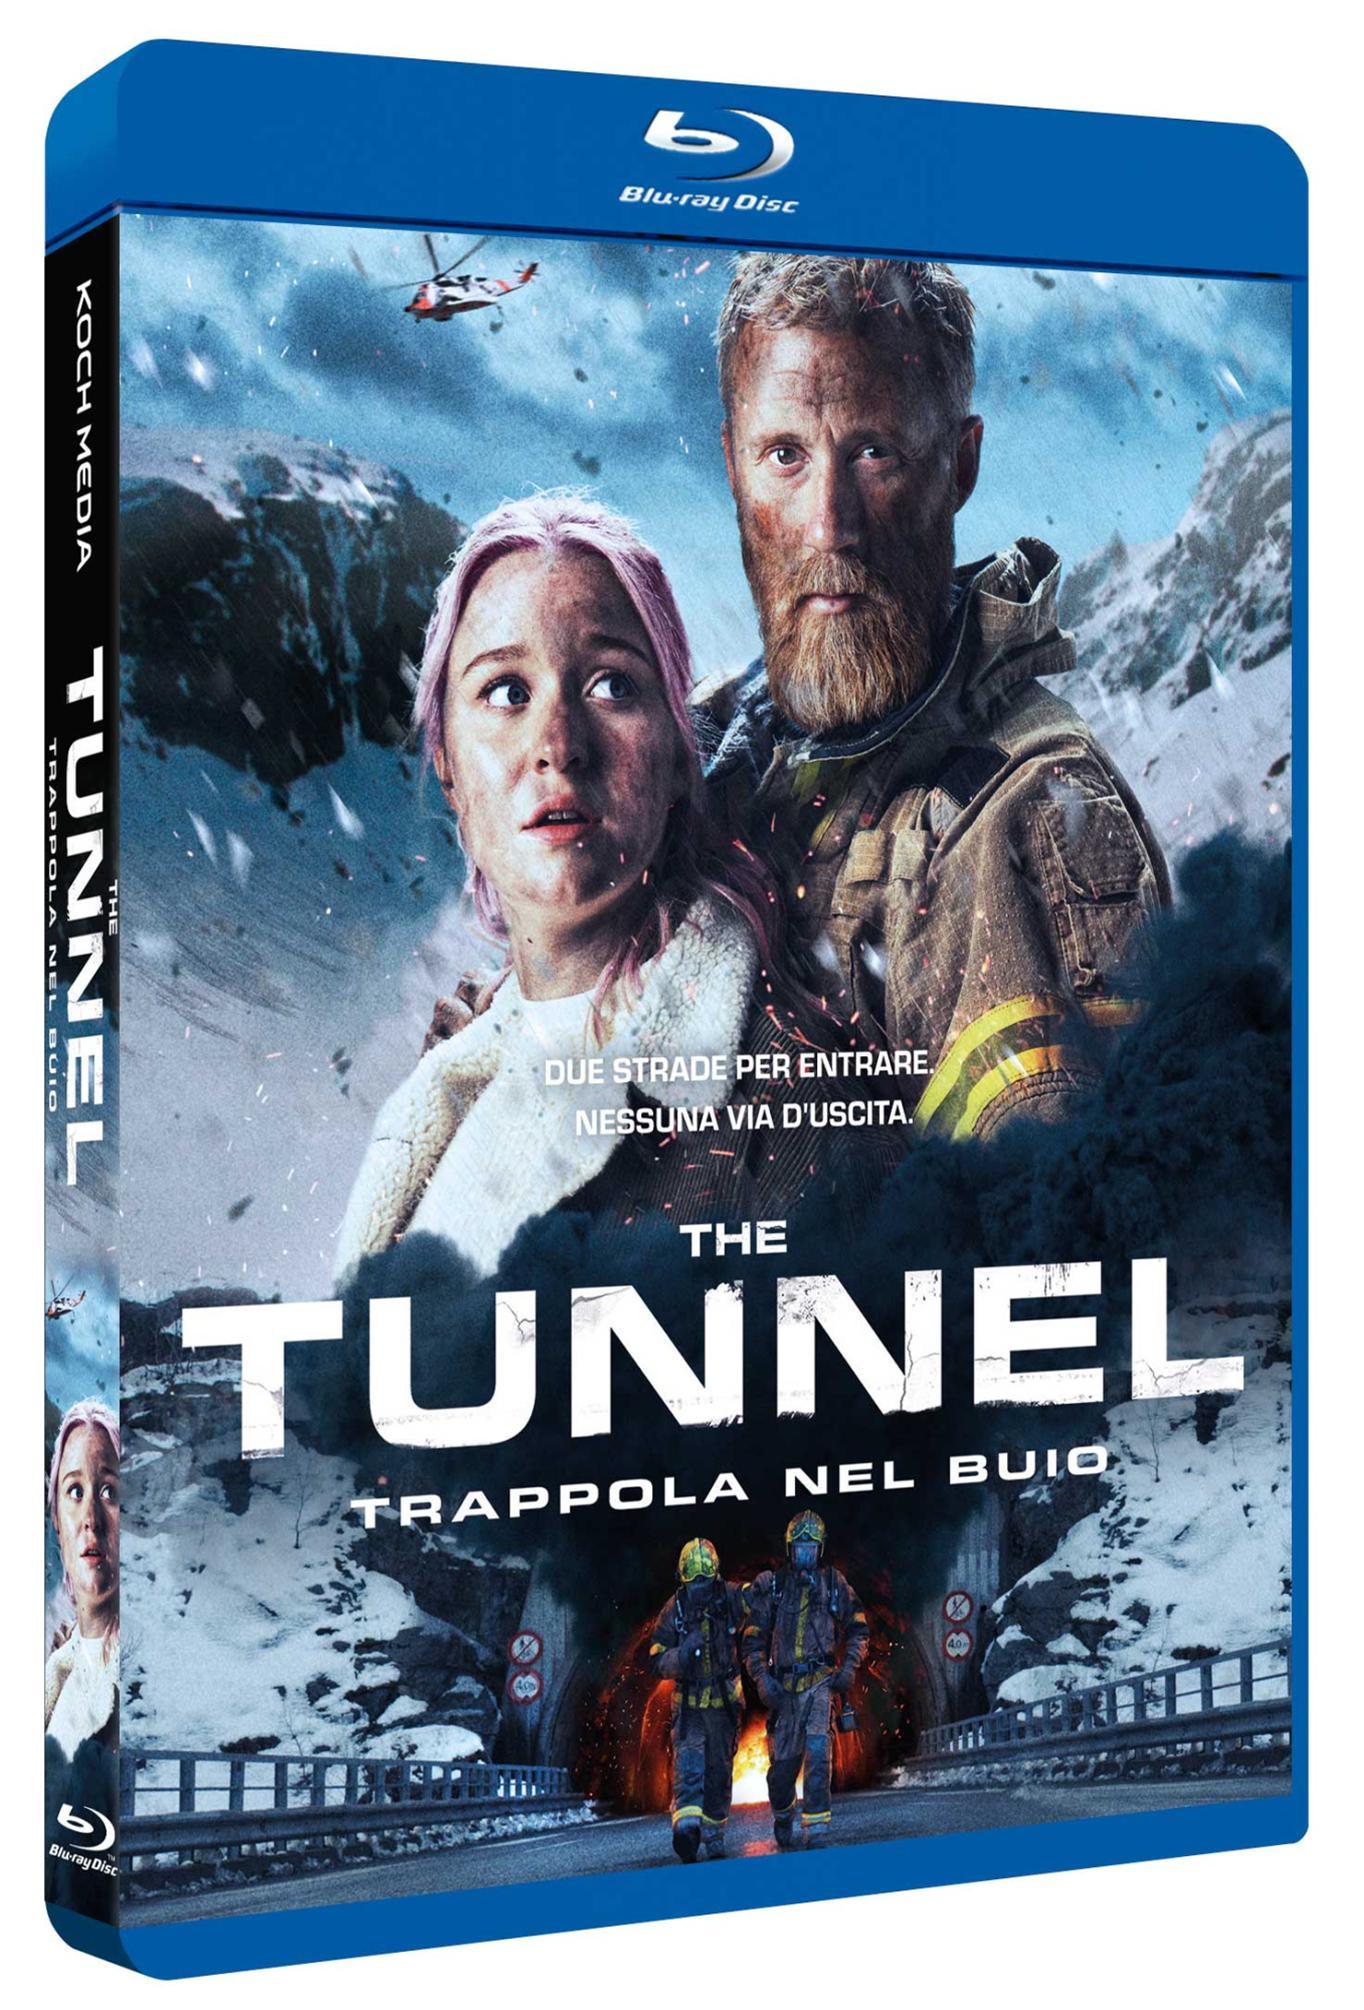 THE TUNNEL - TRAPPOLA NEL - BLU RAY